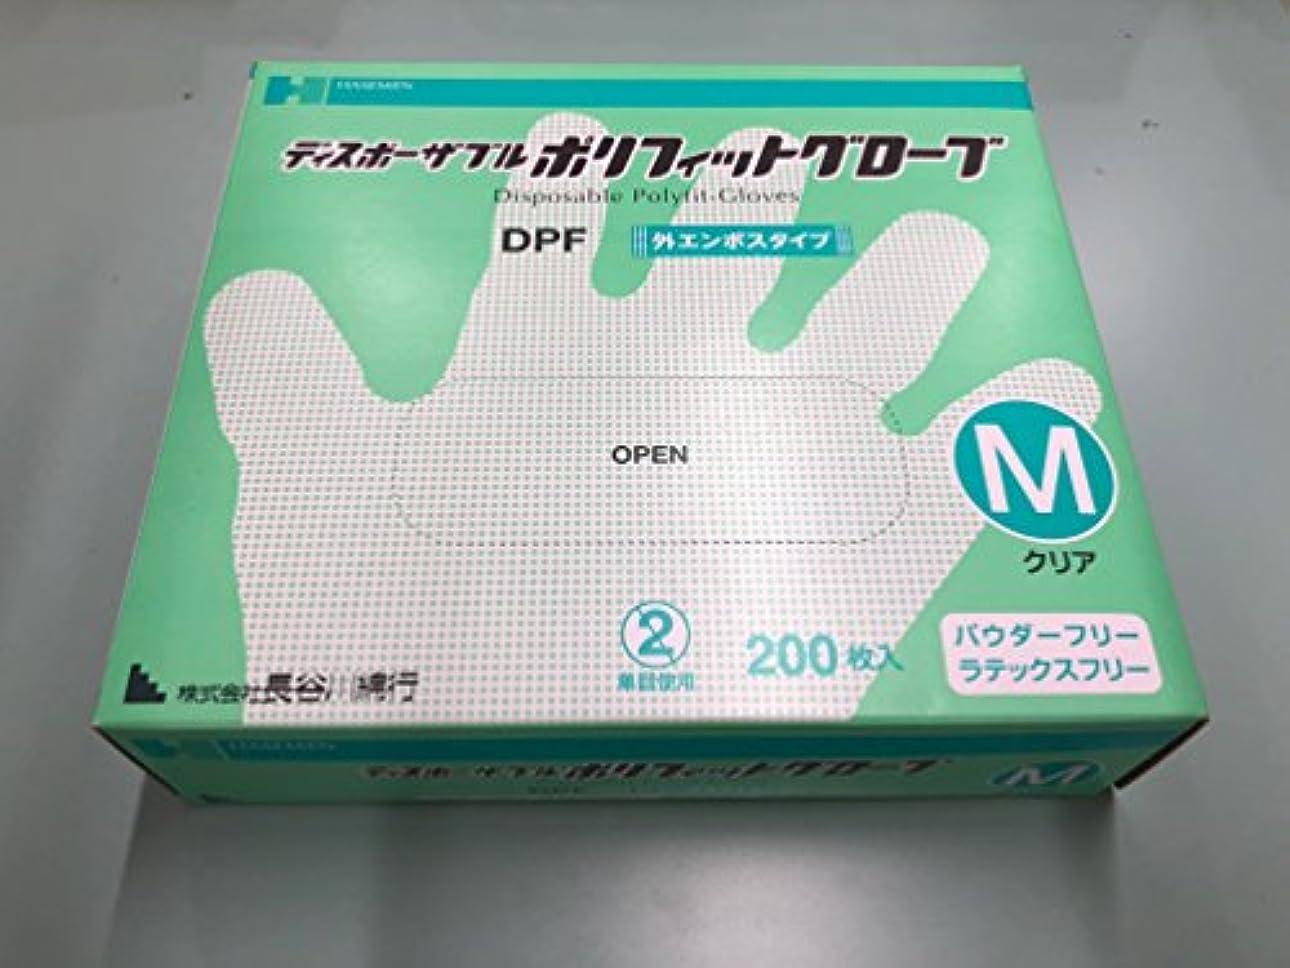 相手血色の良い応答ディスポーザブルポリフィットグローブ クリア 200枚入り (M)